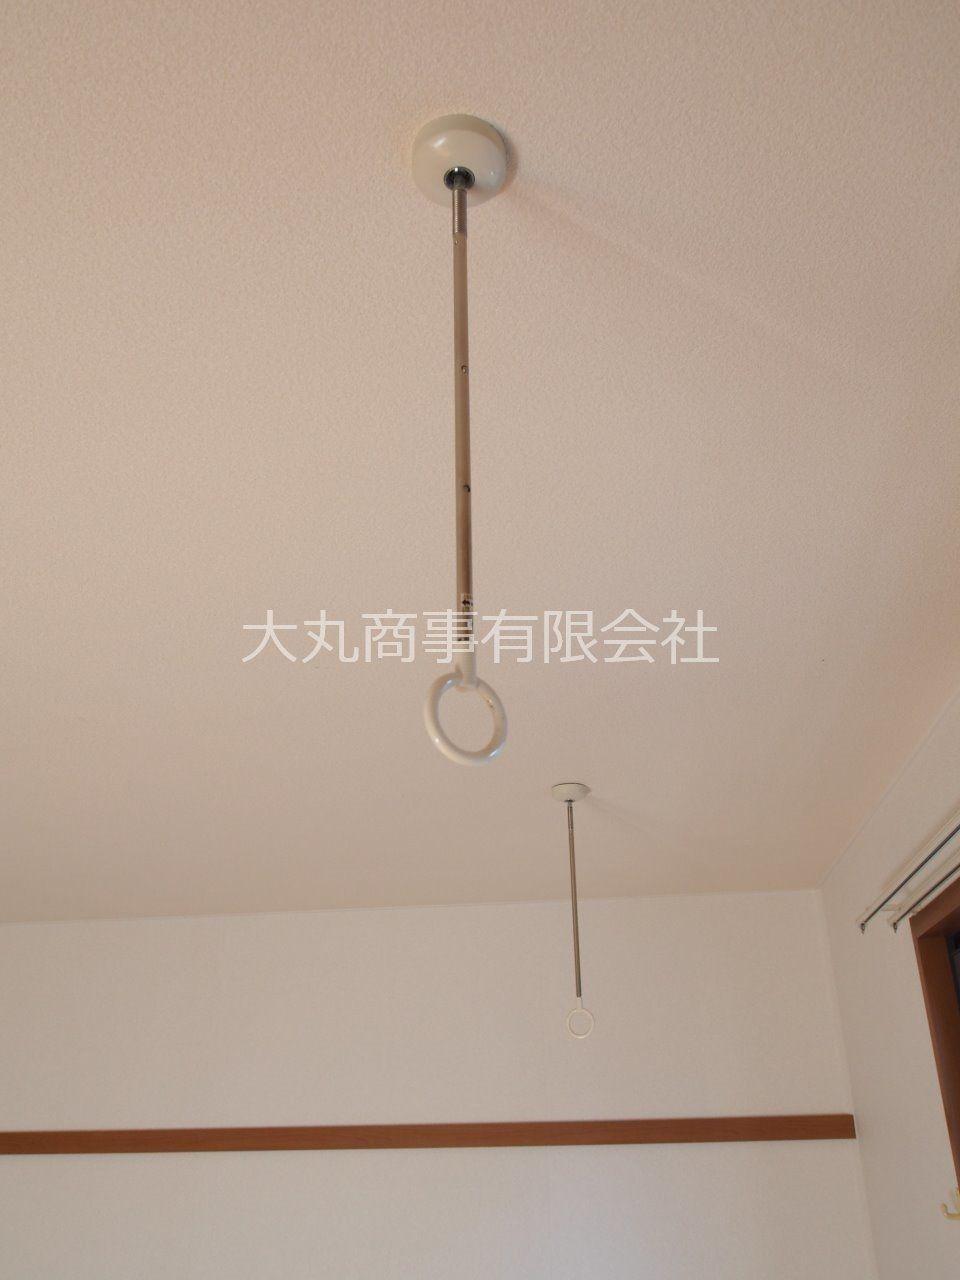 物干し竿を通せば室内物干しが可能